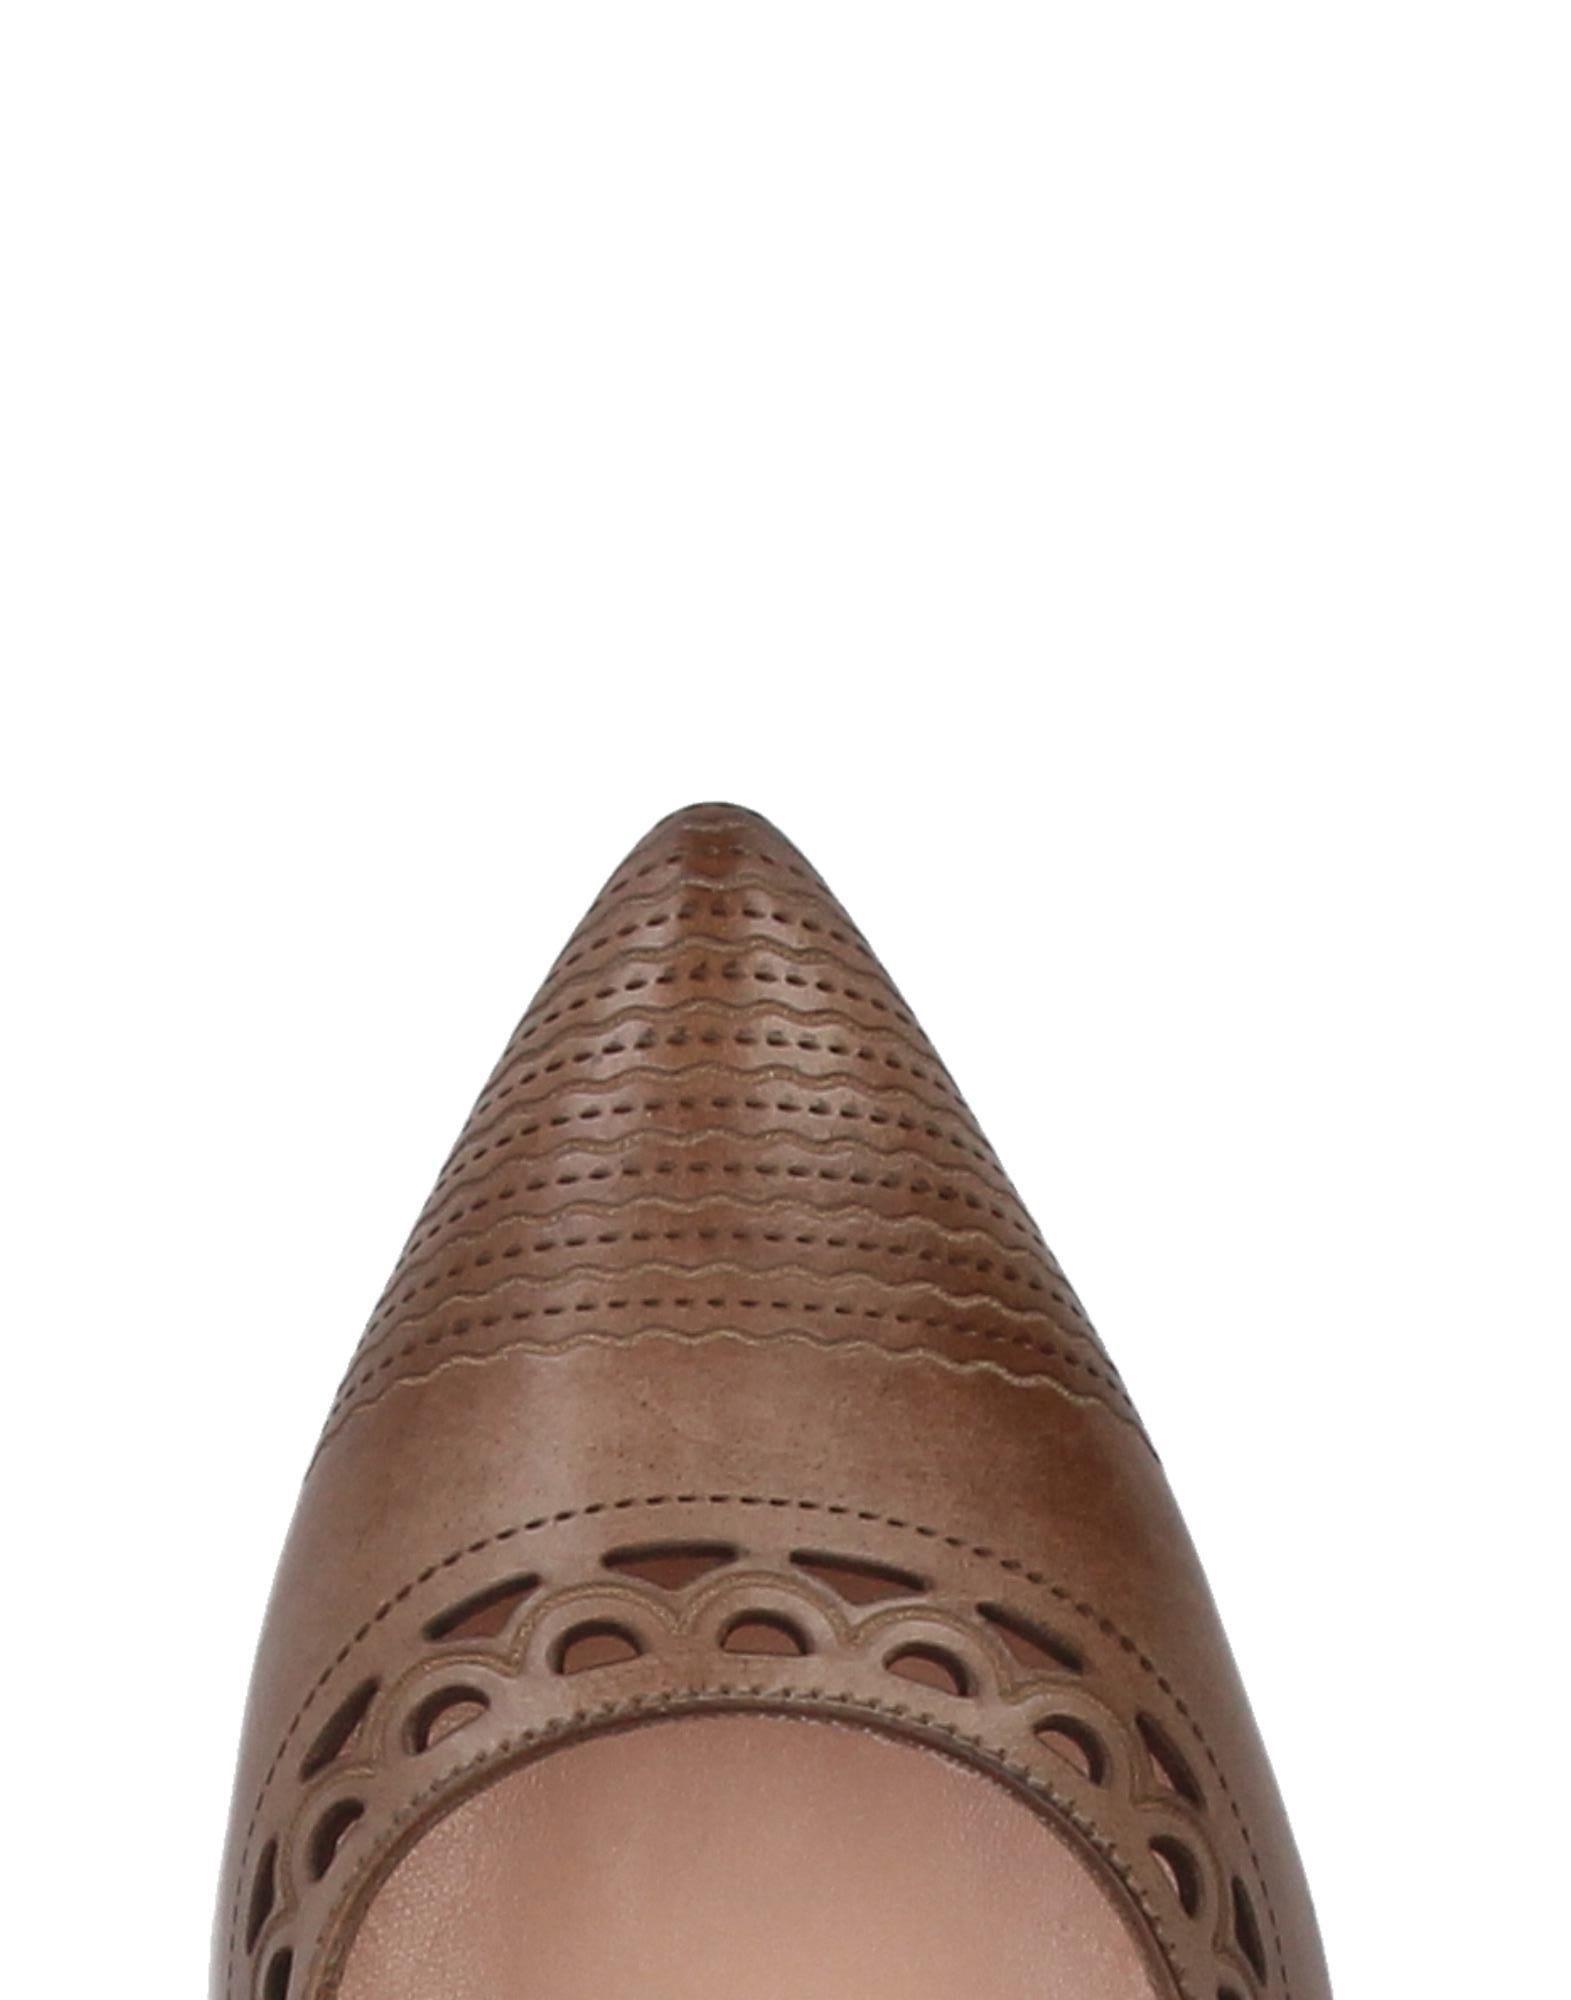 Calpierre Pumps Damen  Schuhe 11407618WK Gute Qualität beliebte Schuhe  73f48e